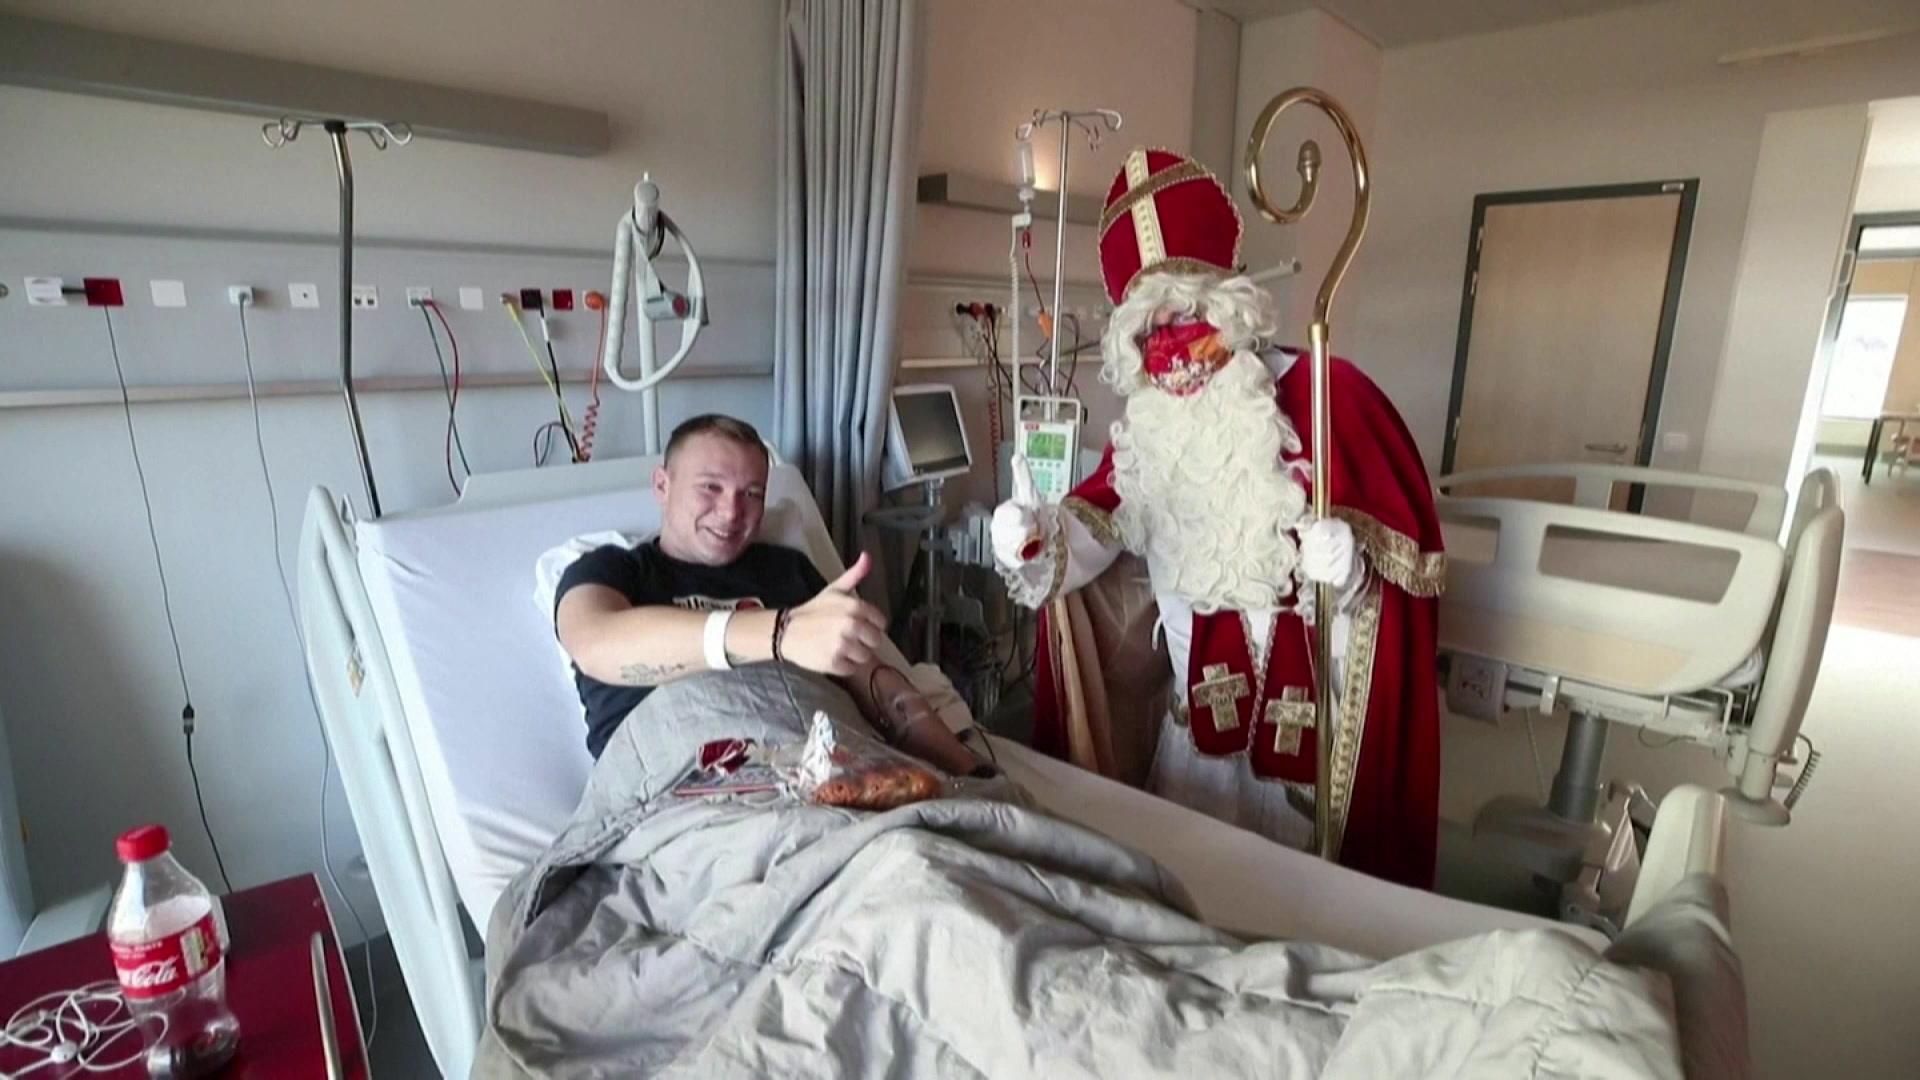 En visite dans un hôpital de Liège :Saint-Nicolas respecte les gestes barrières